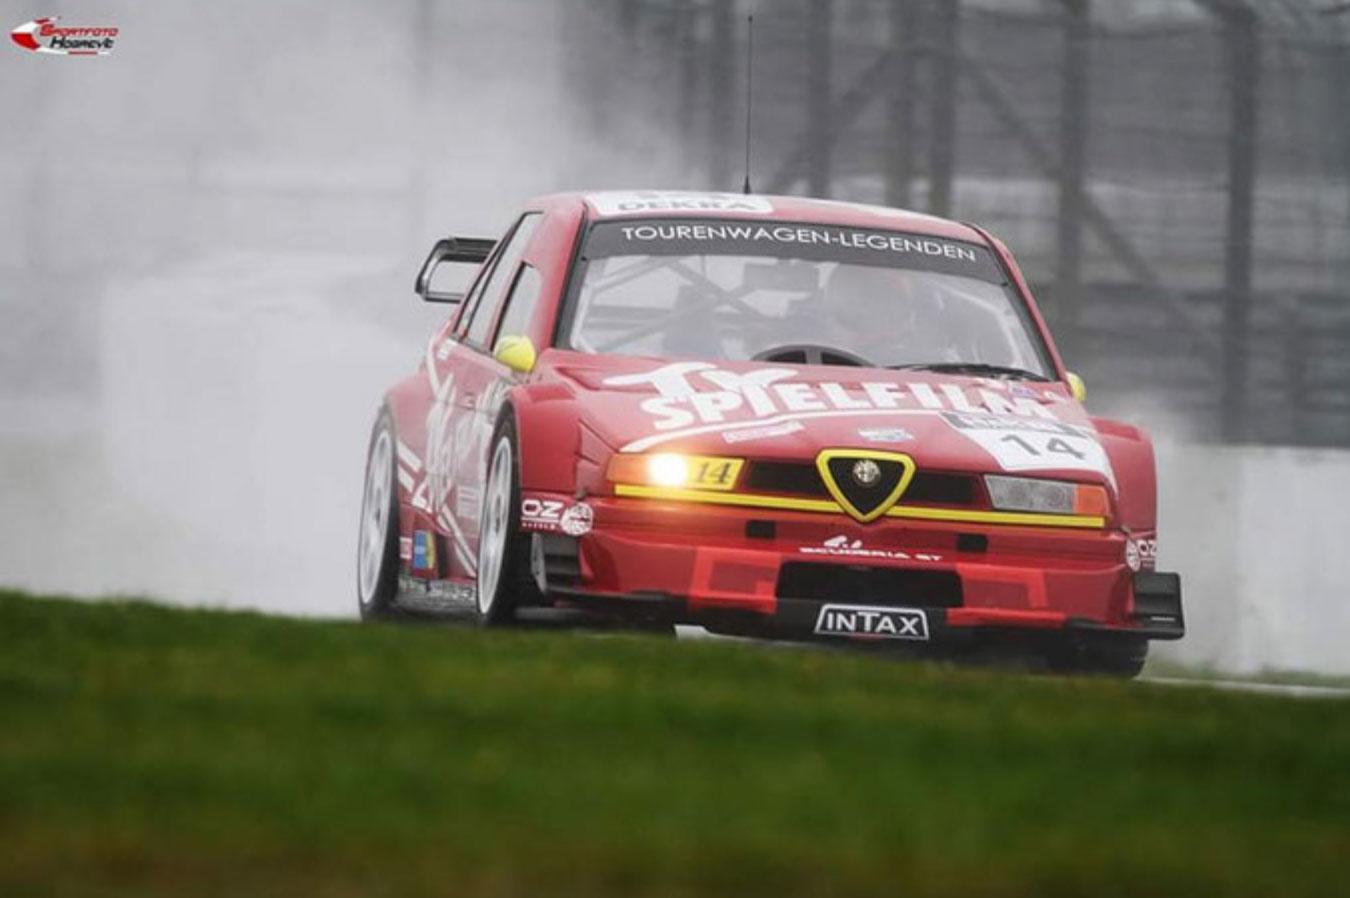 Motorsport-Abenteuer wie einst : Meisterschafts-Sieg für Scuderia-GT